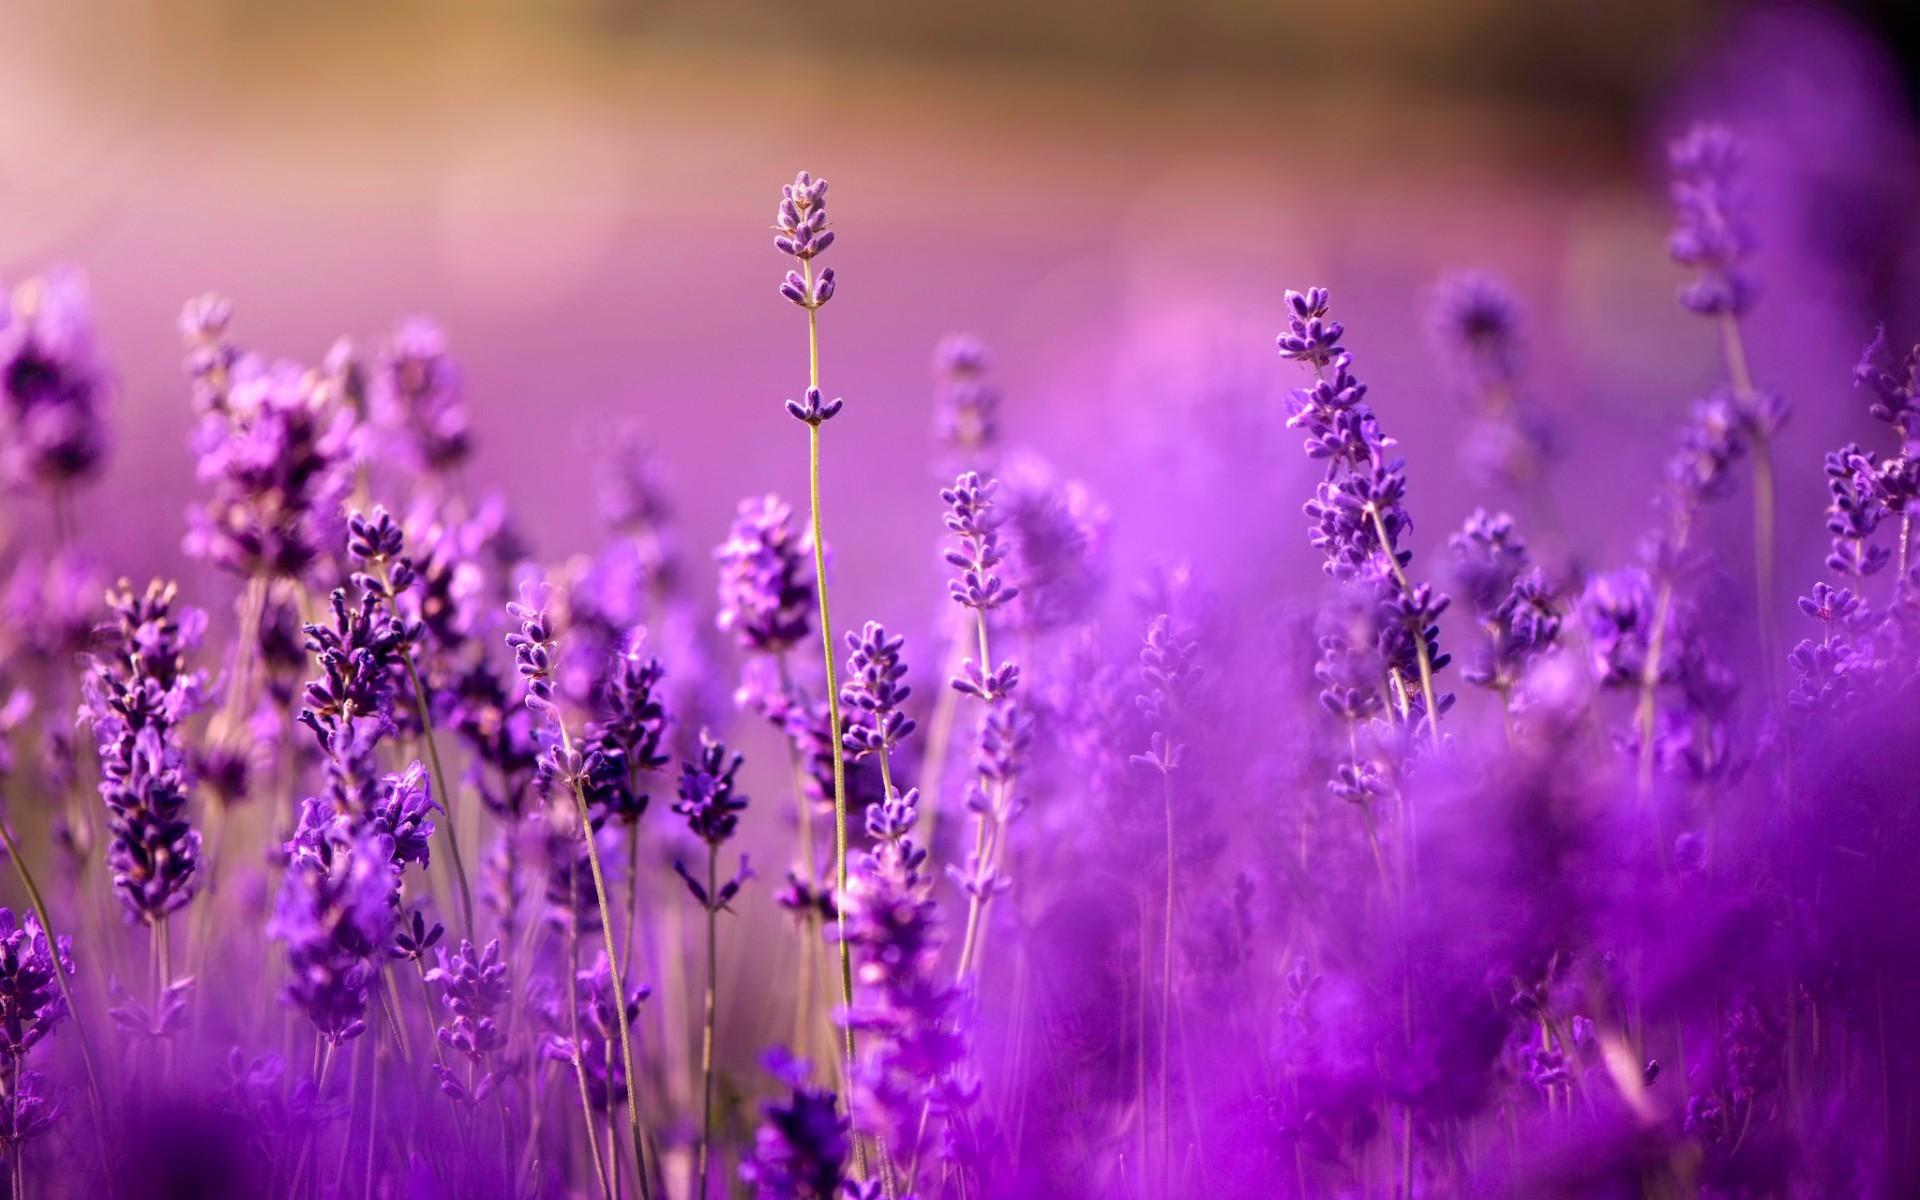 lavender background wallpaper - 1200×675